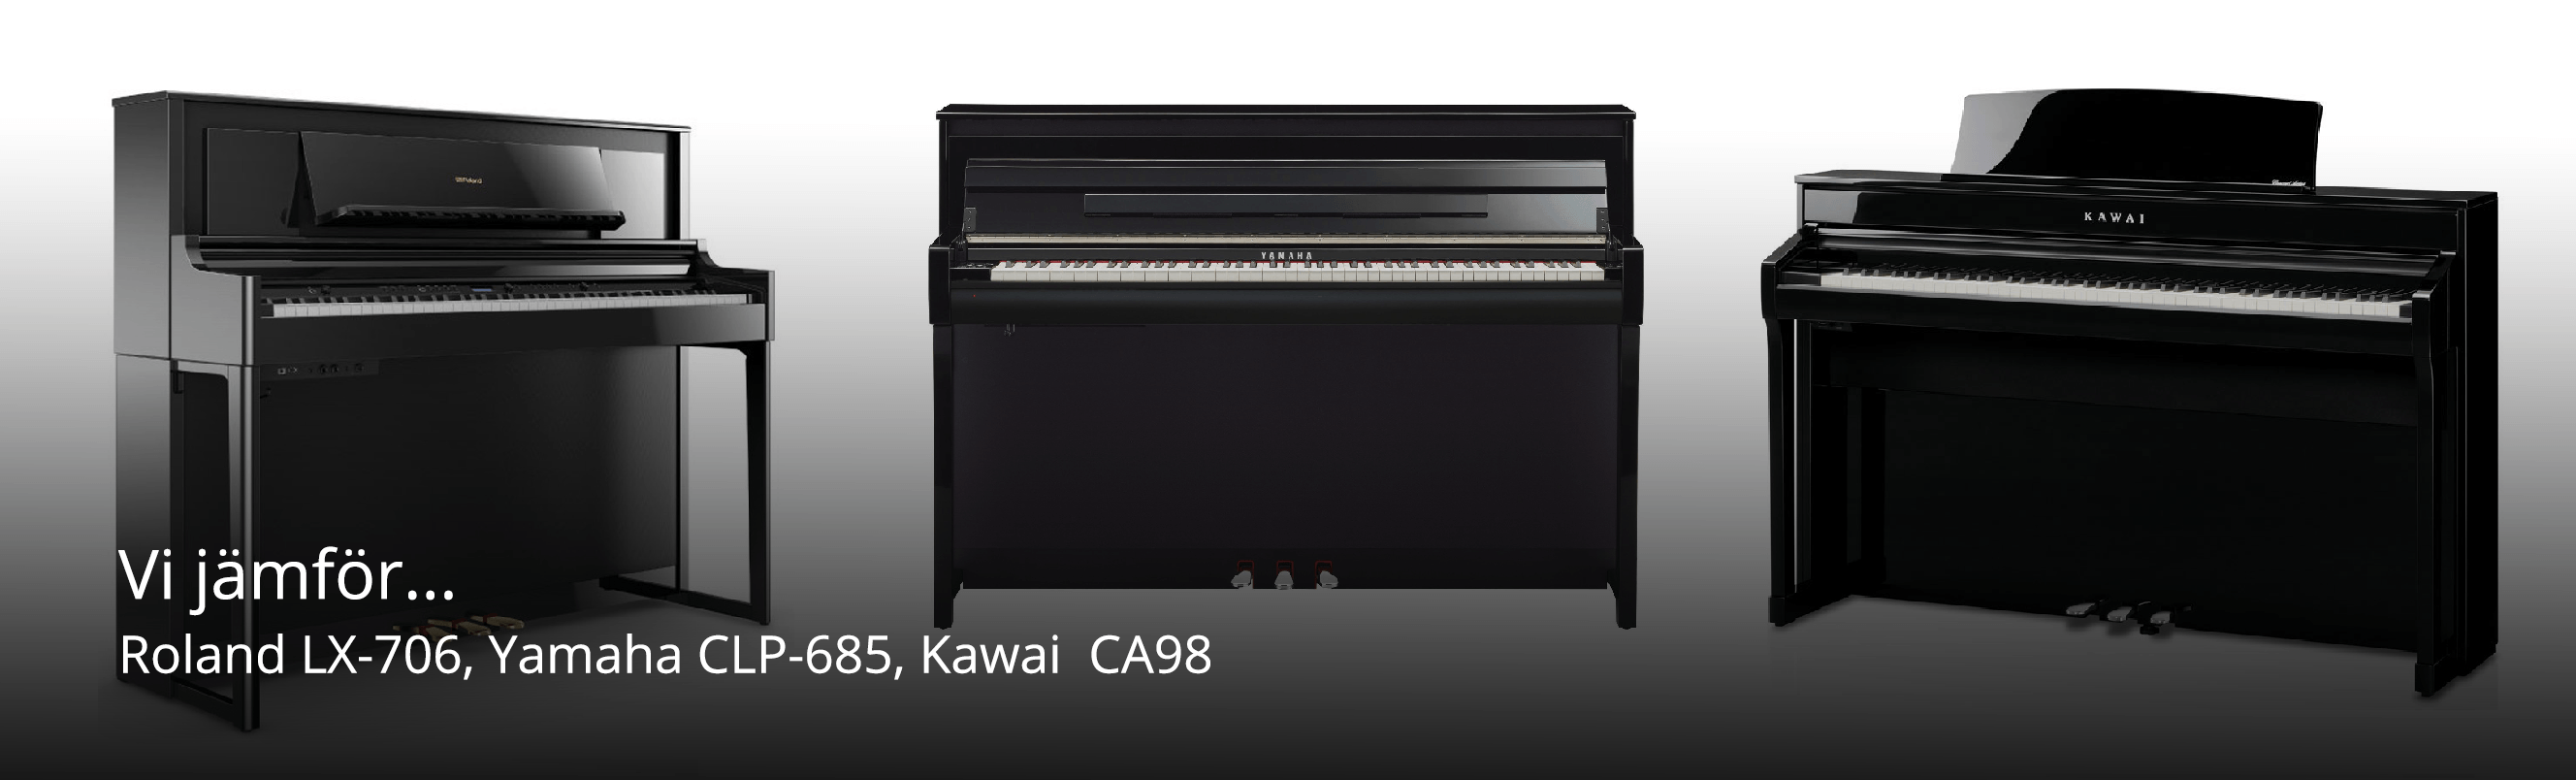 Jämförelse av Kawai CA 98, Yamaha CLP 685 och Roland LX 706